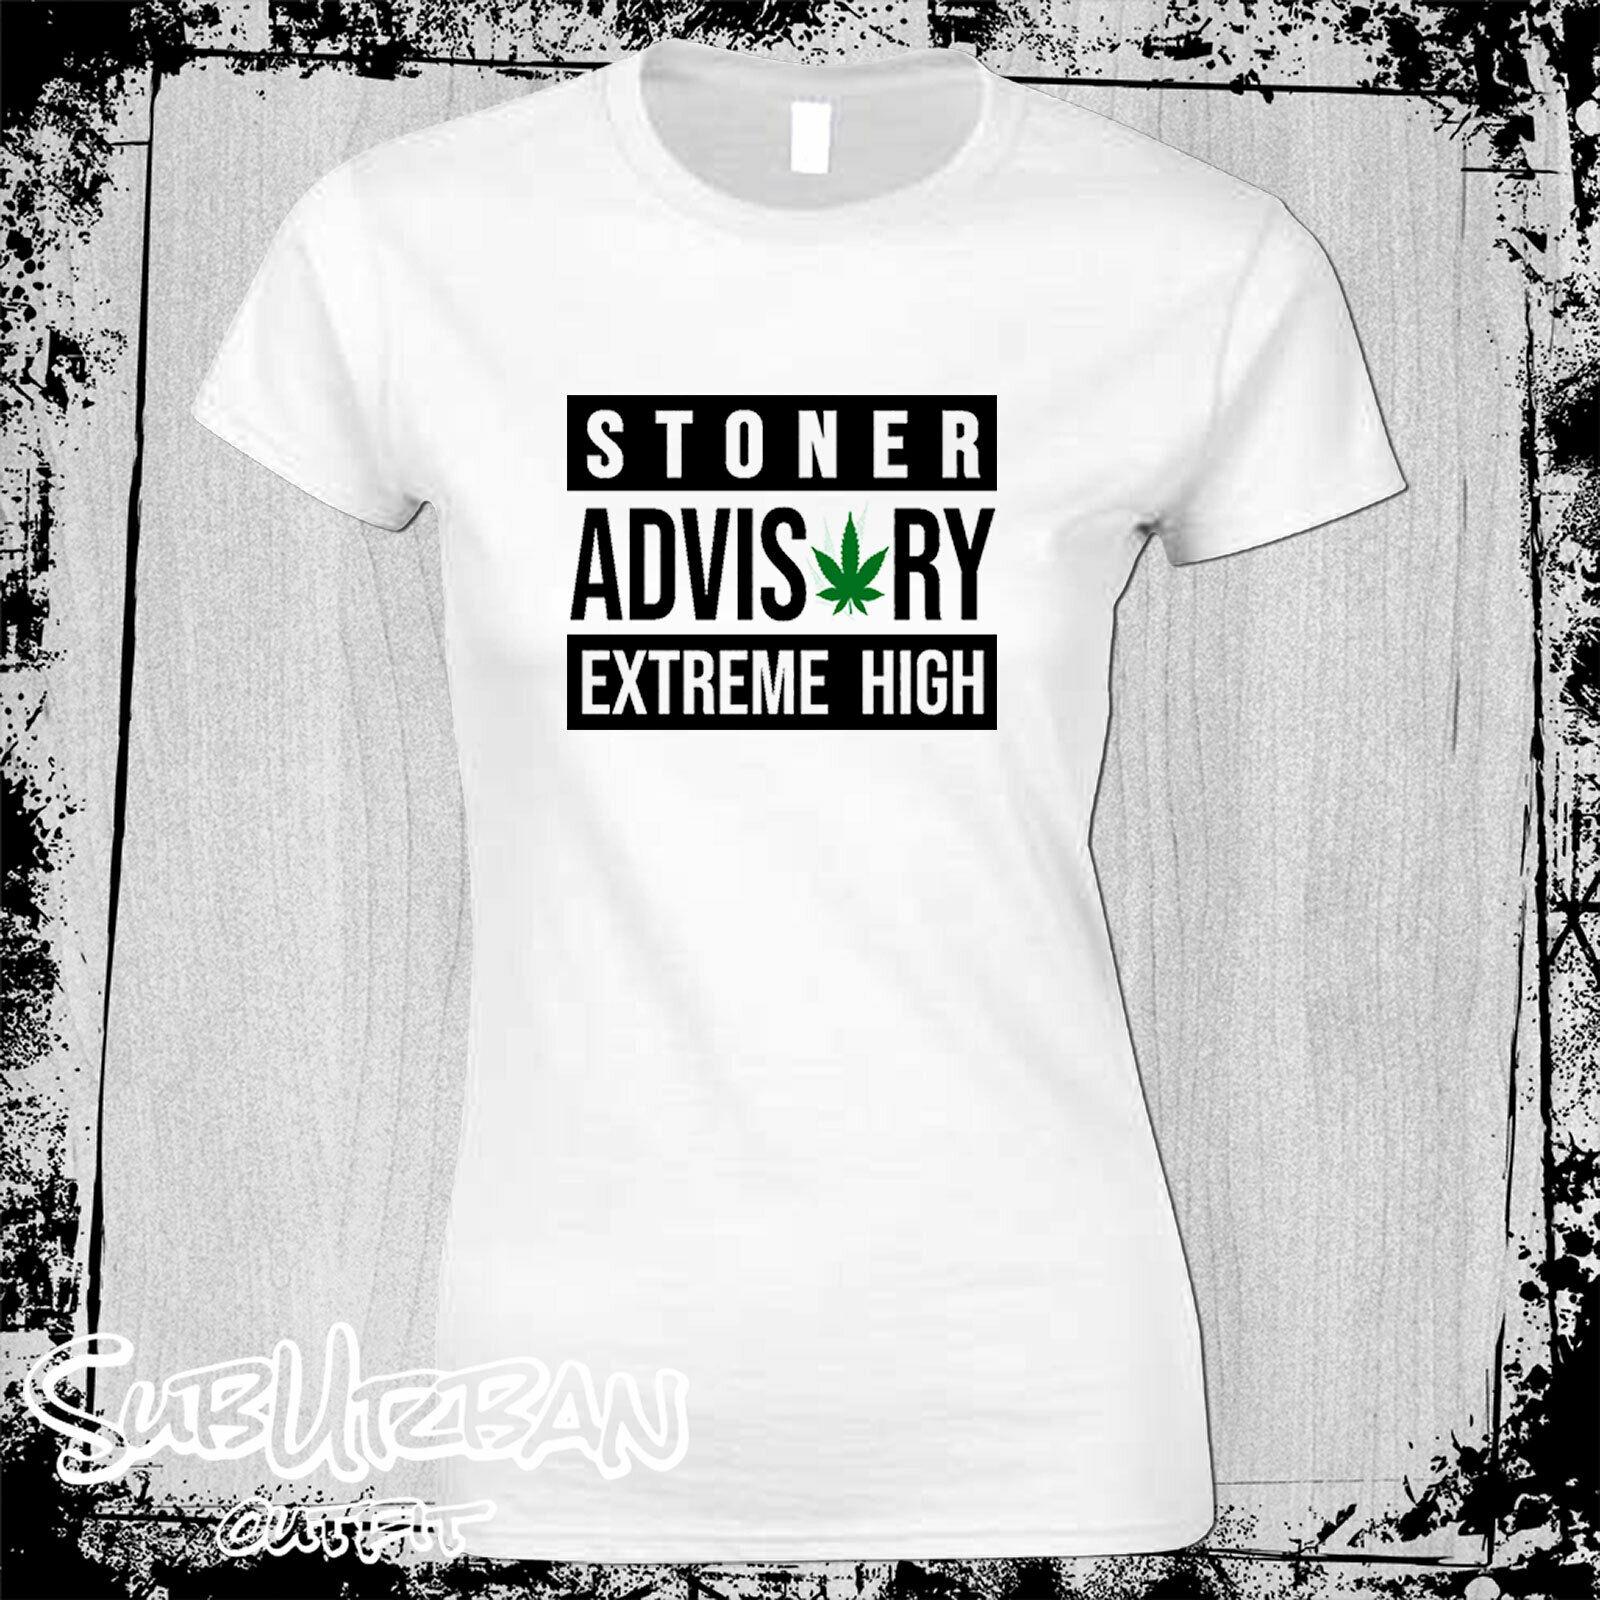 Stoner Advisory Extreme High Cannabis Drugs Women's T-Shirt Weed Smoke Marijuana 1